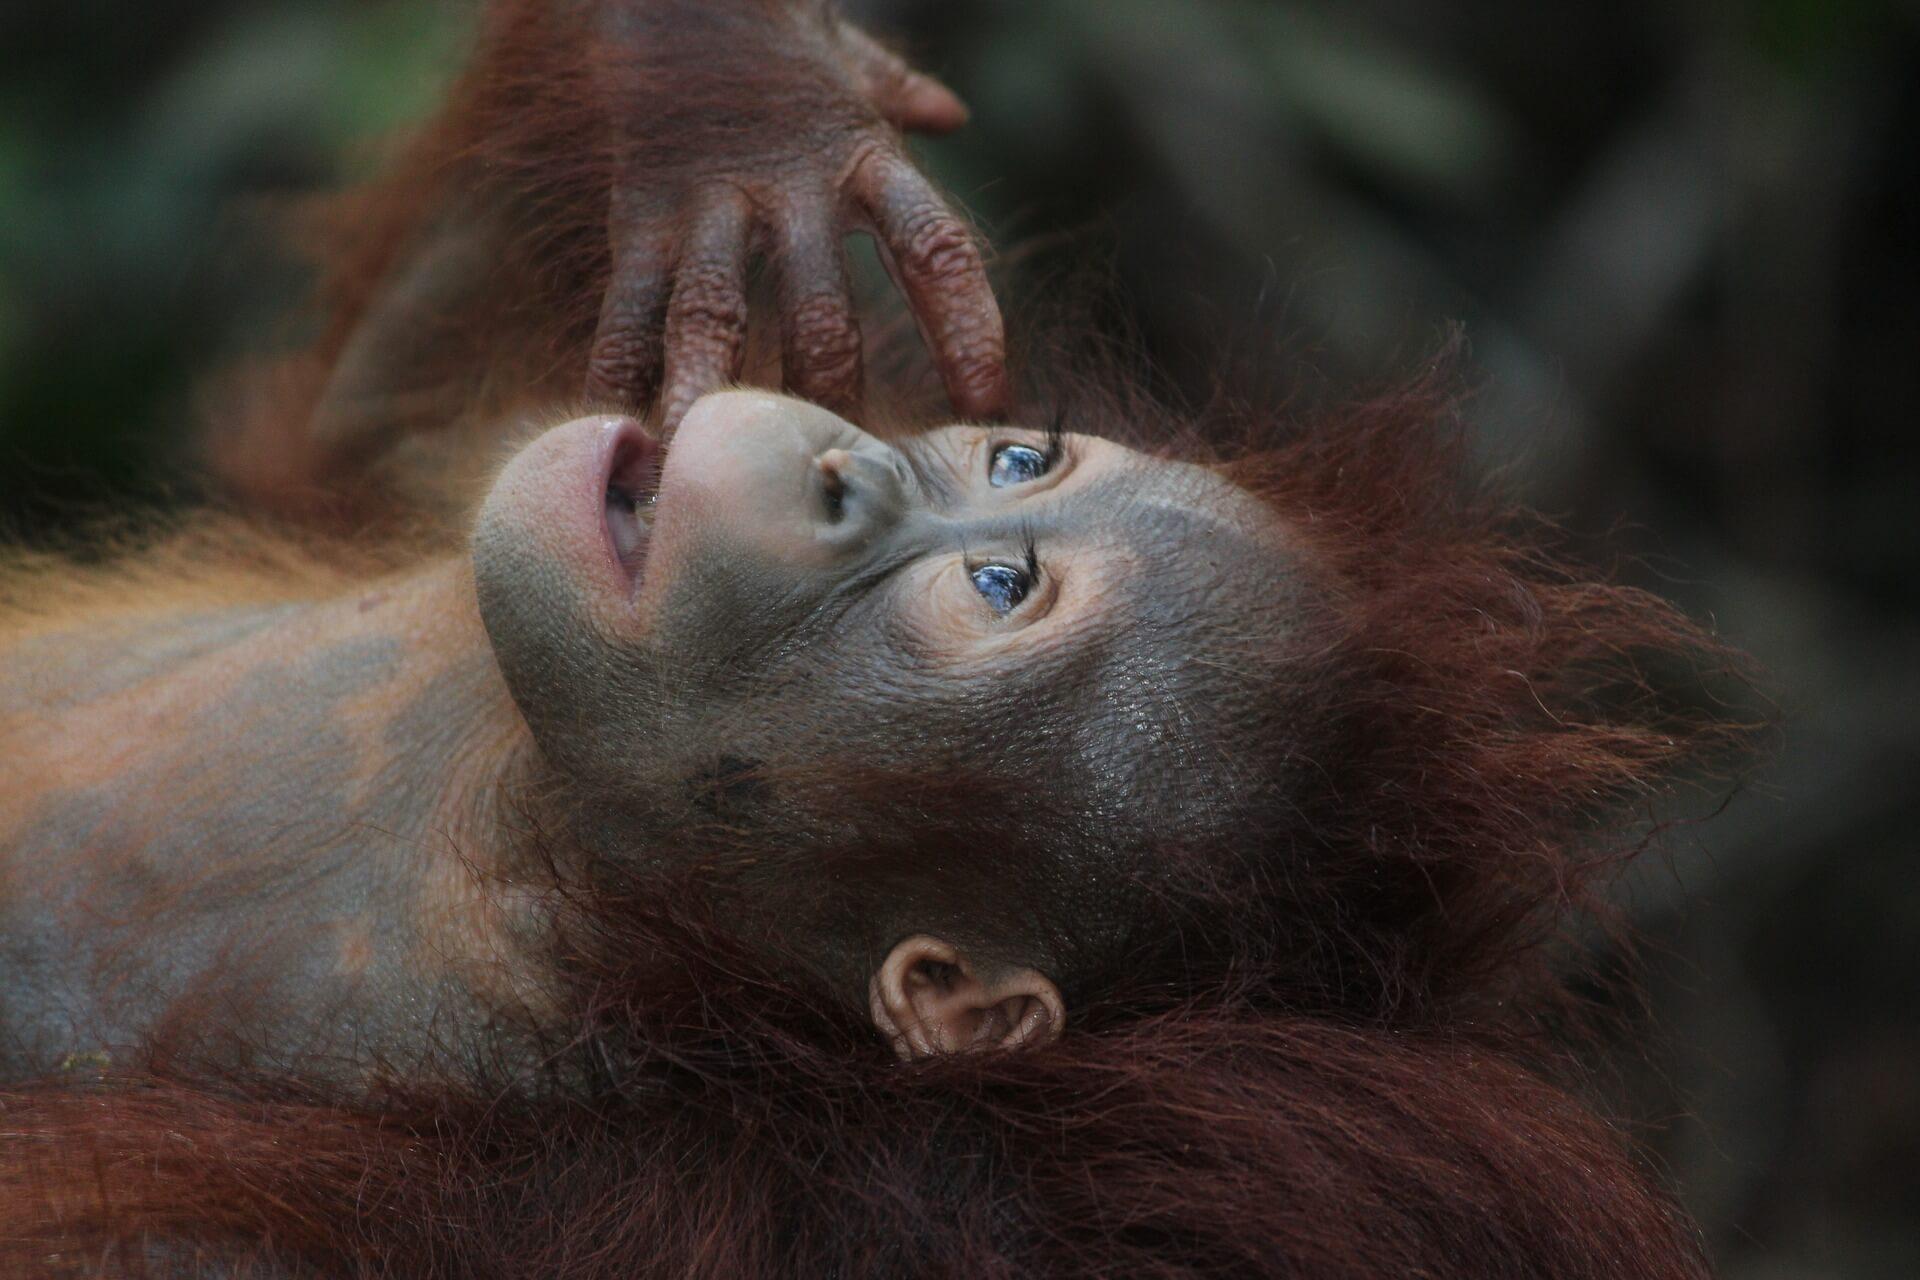 Hulp aan orang-oetang